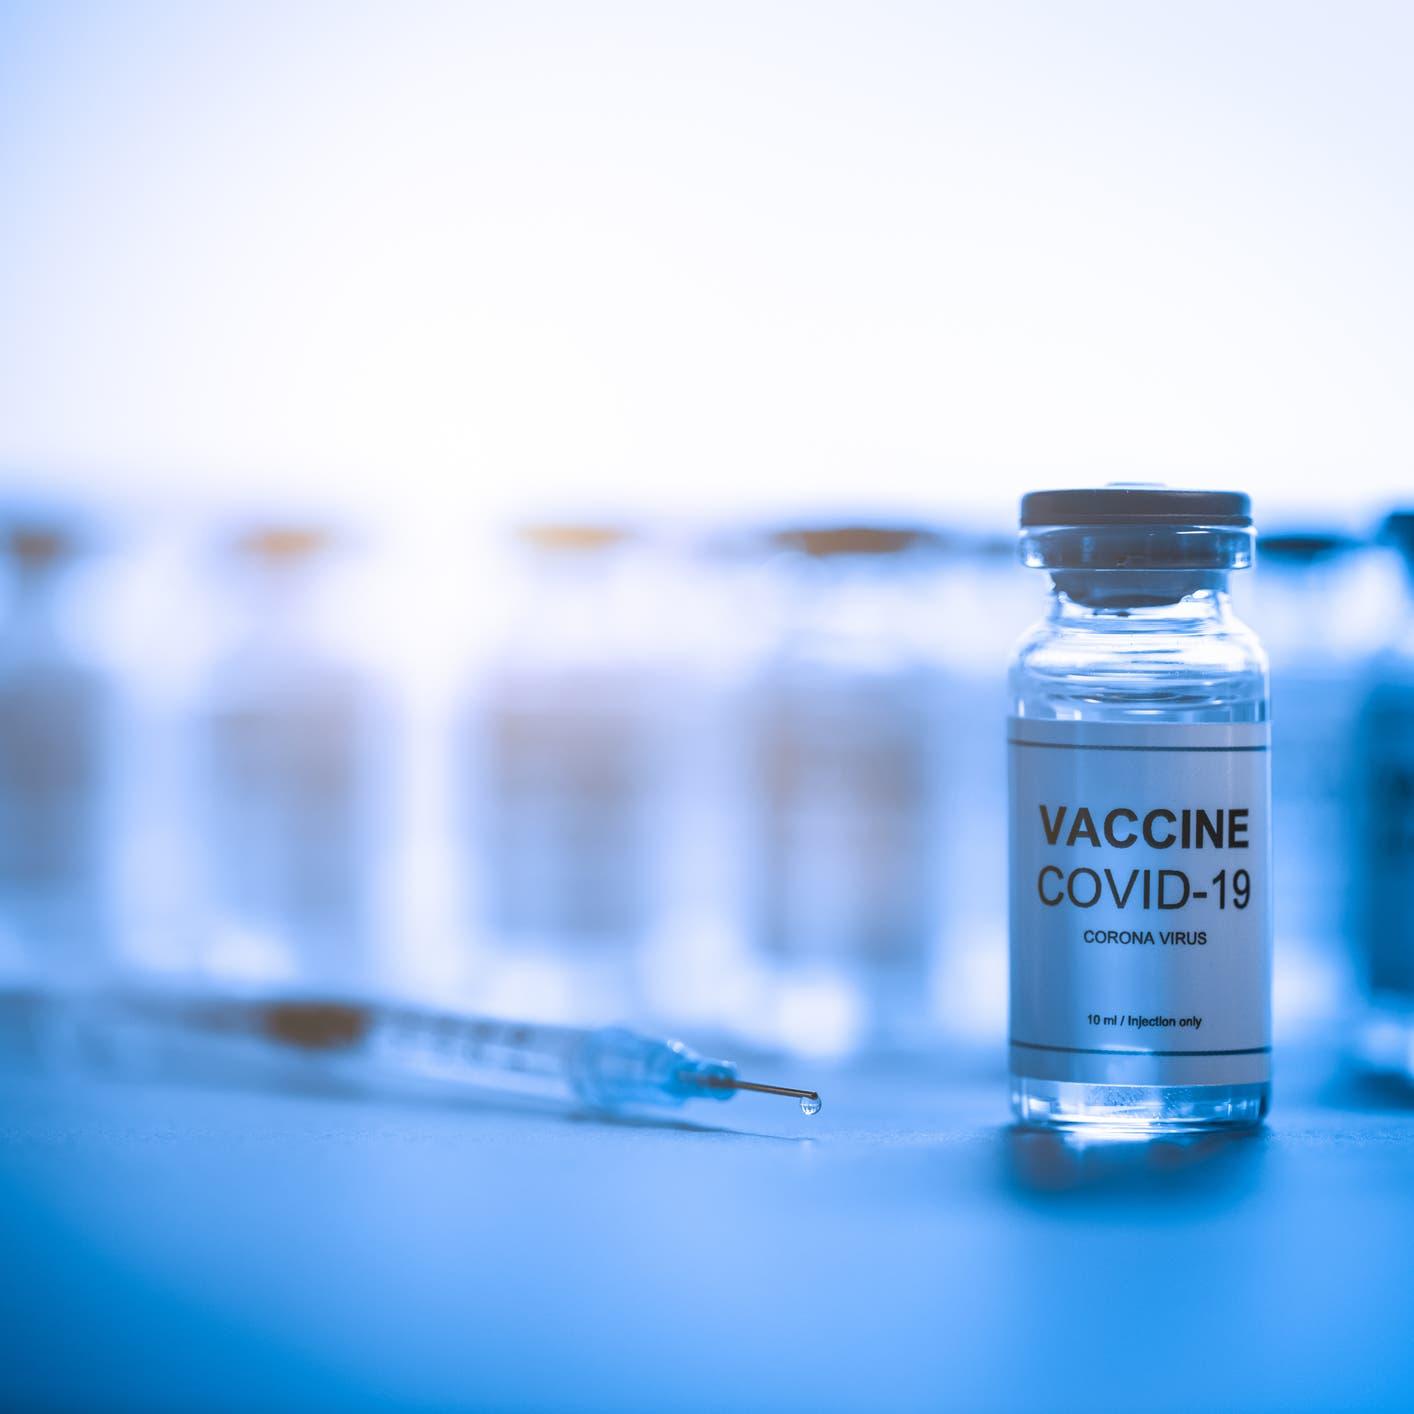 تحالف كوفاكس يبدأ توزيع اللقاح على الدول النامية هذا الشهر